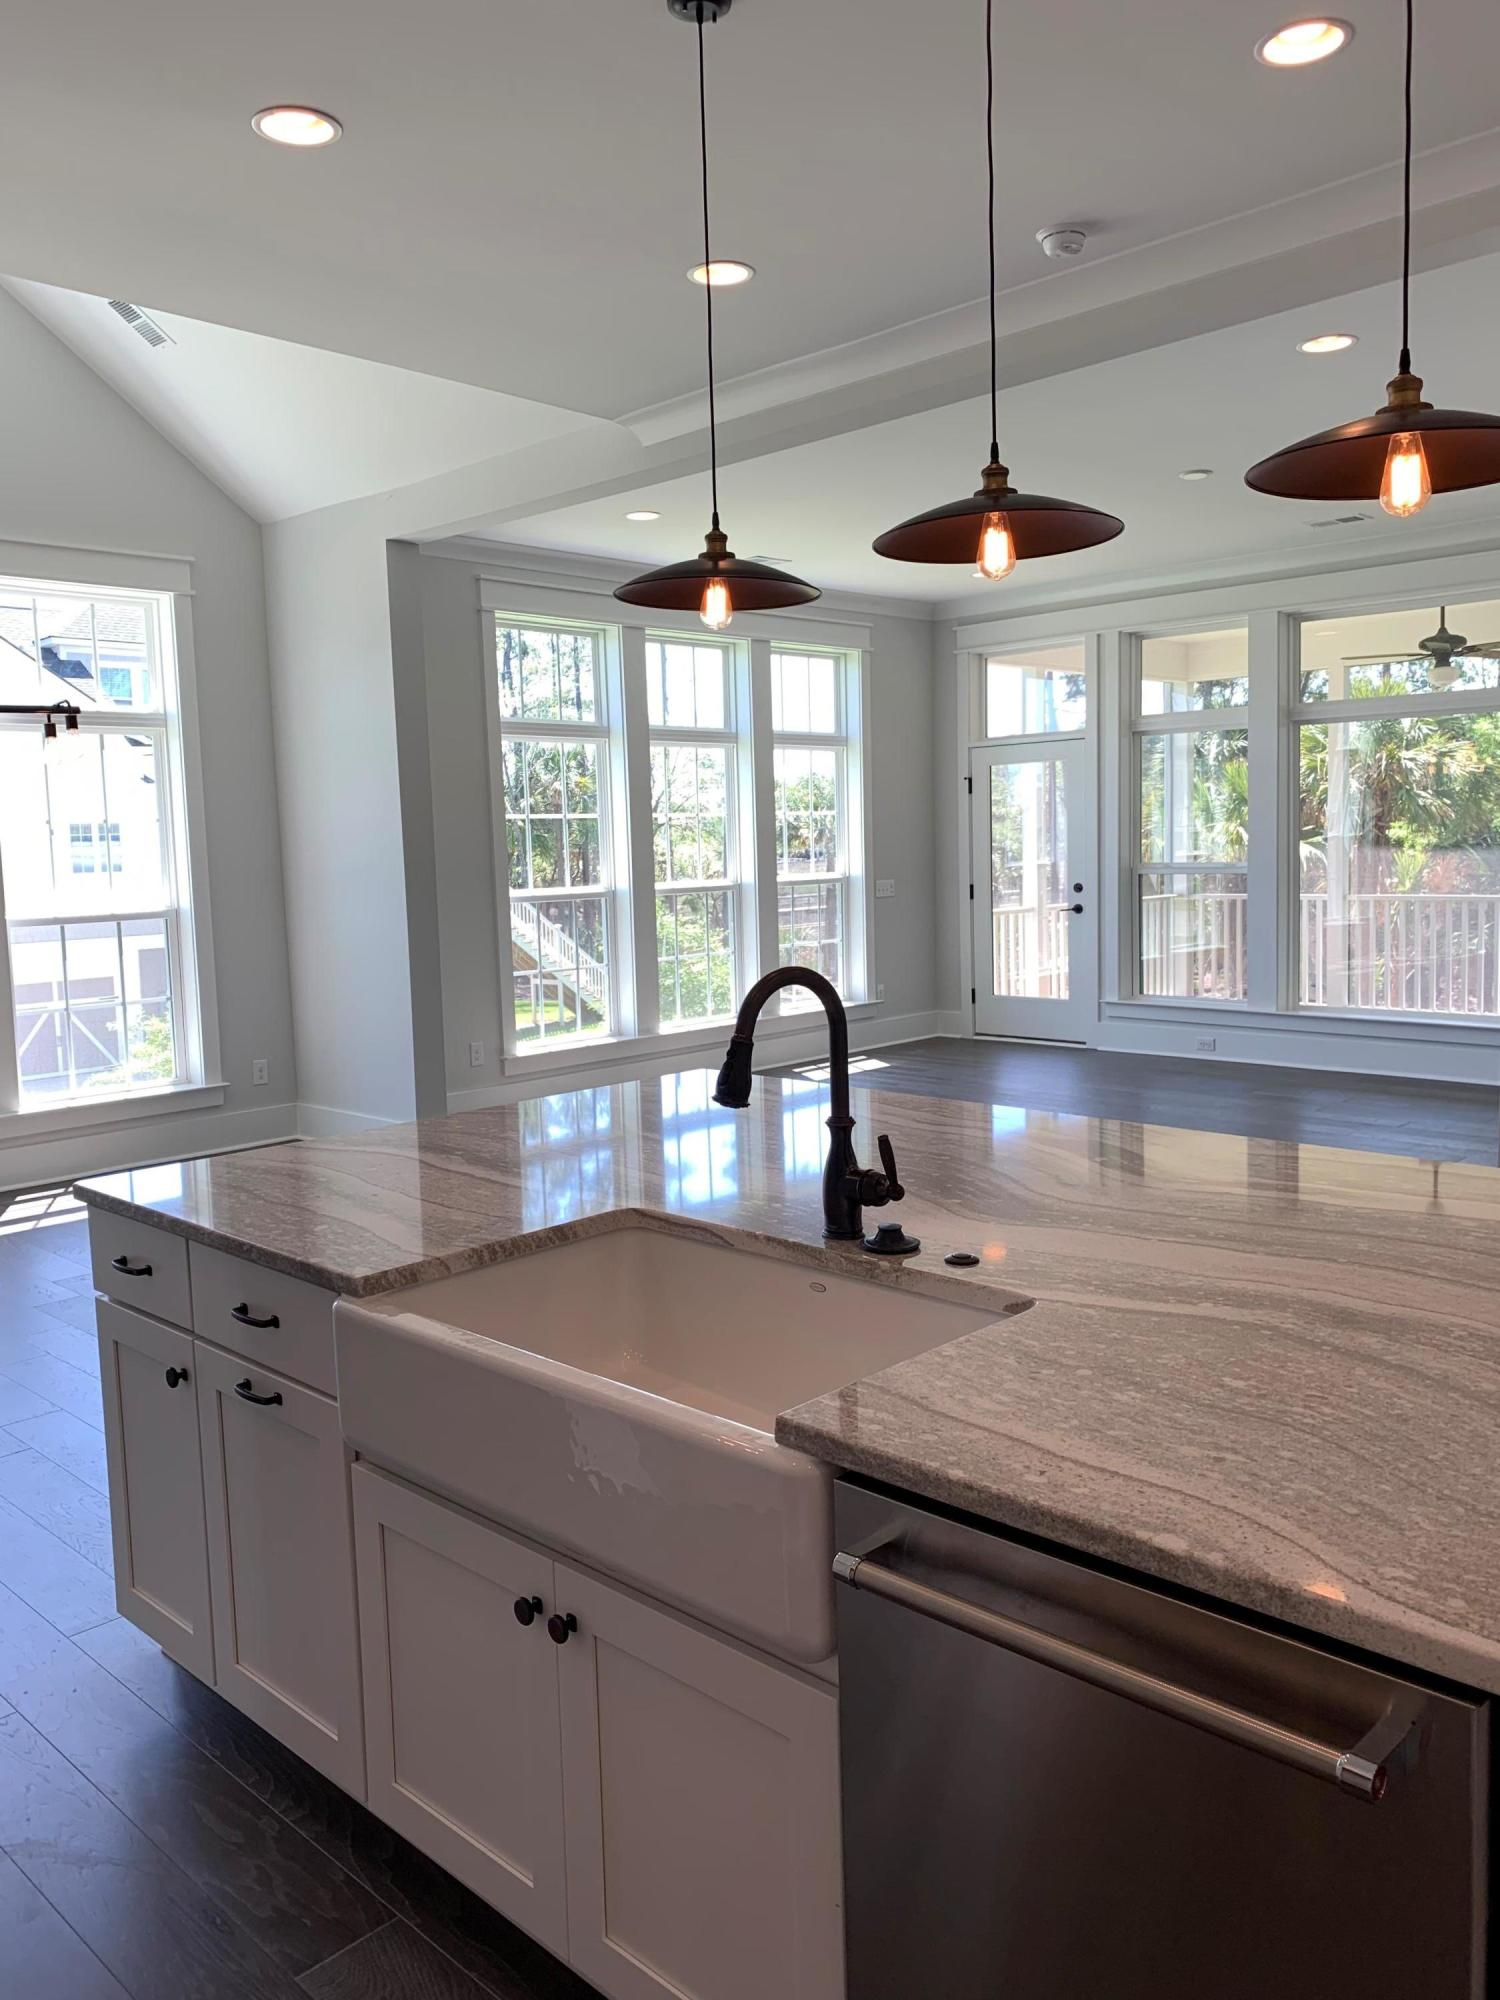 Dunes West Homes For Sale - 2996 Yachtsman, Mount Pleasant, SC - 1